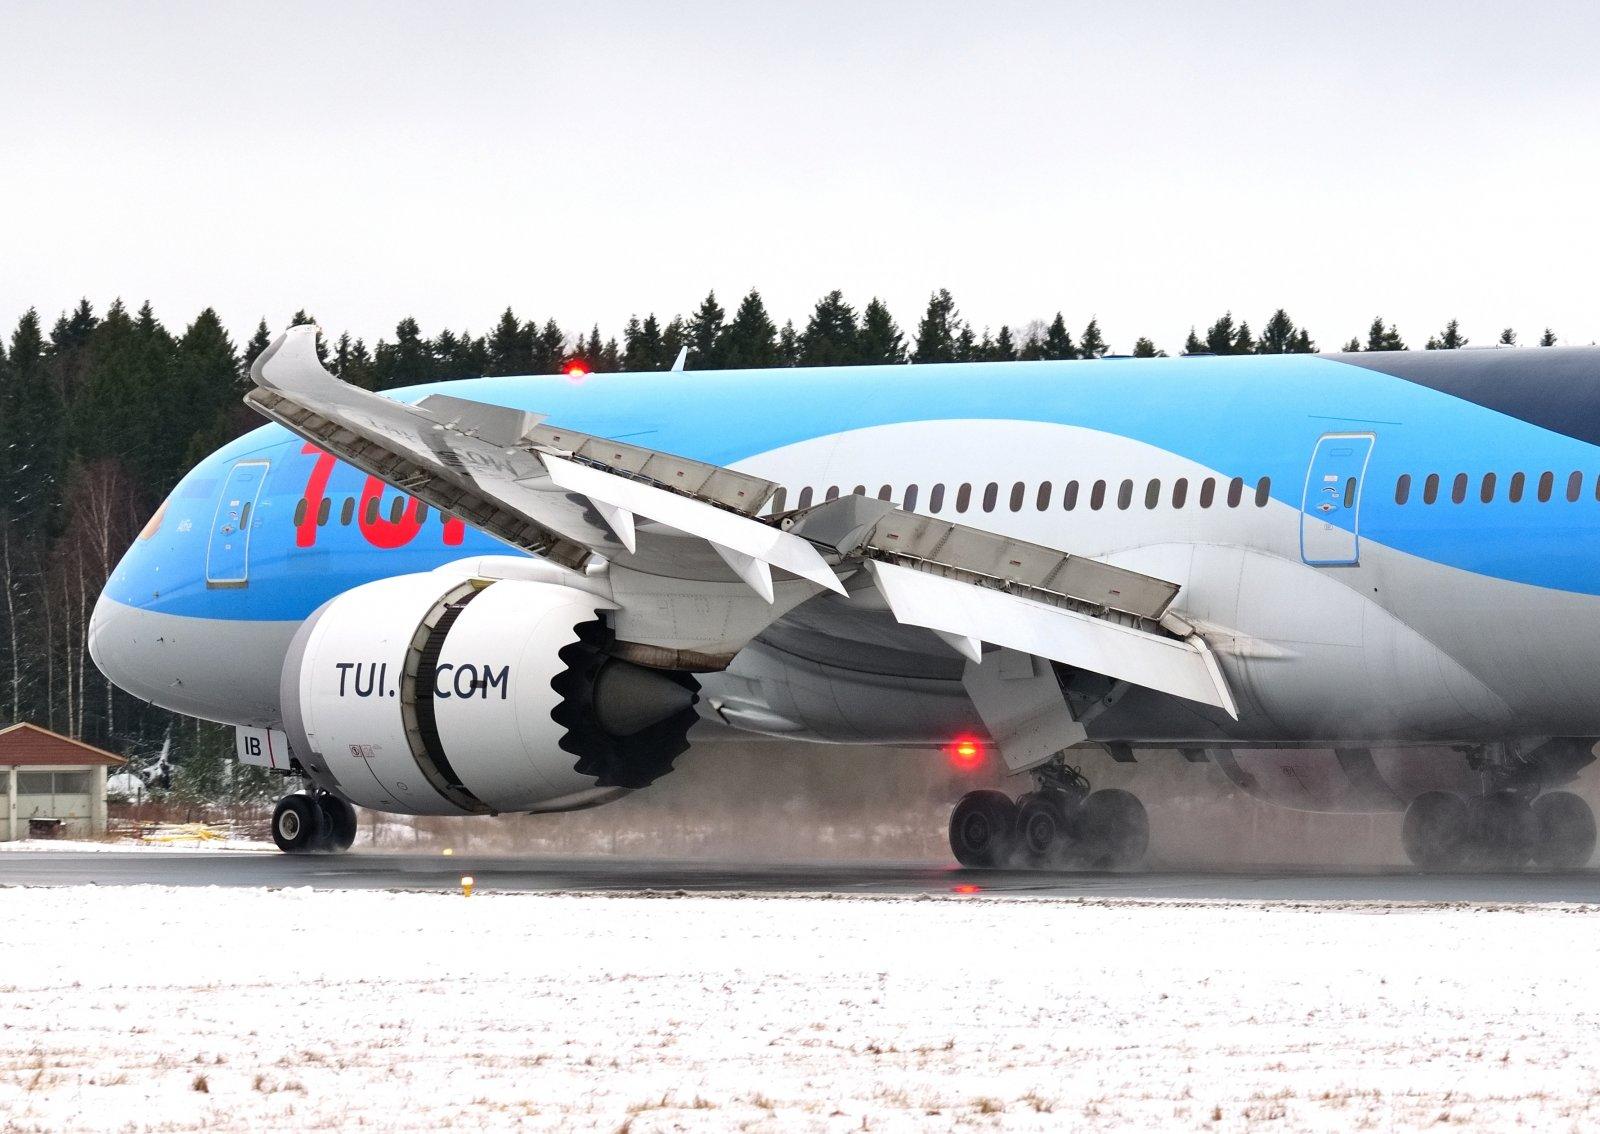 G-TUIB - Boeing 787-8 Dreamliner - TUI - 5.3.2020